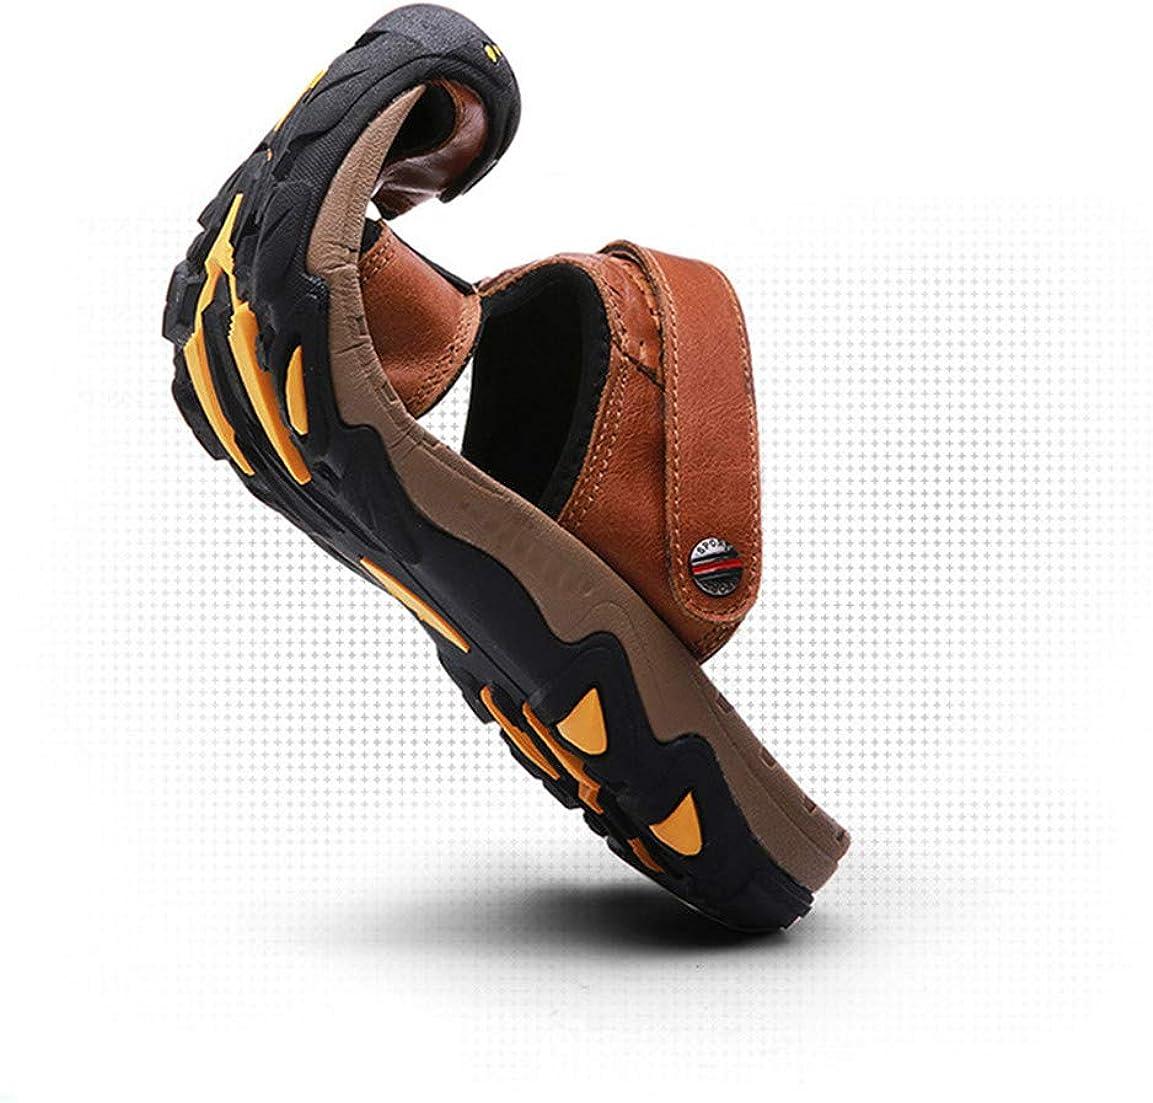 US Men Mens Leather Sandals Comfortable Soles Breathable Button Closure M Bronze,Lable 39//6.5 D